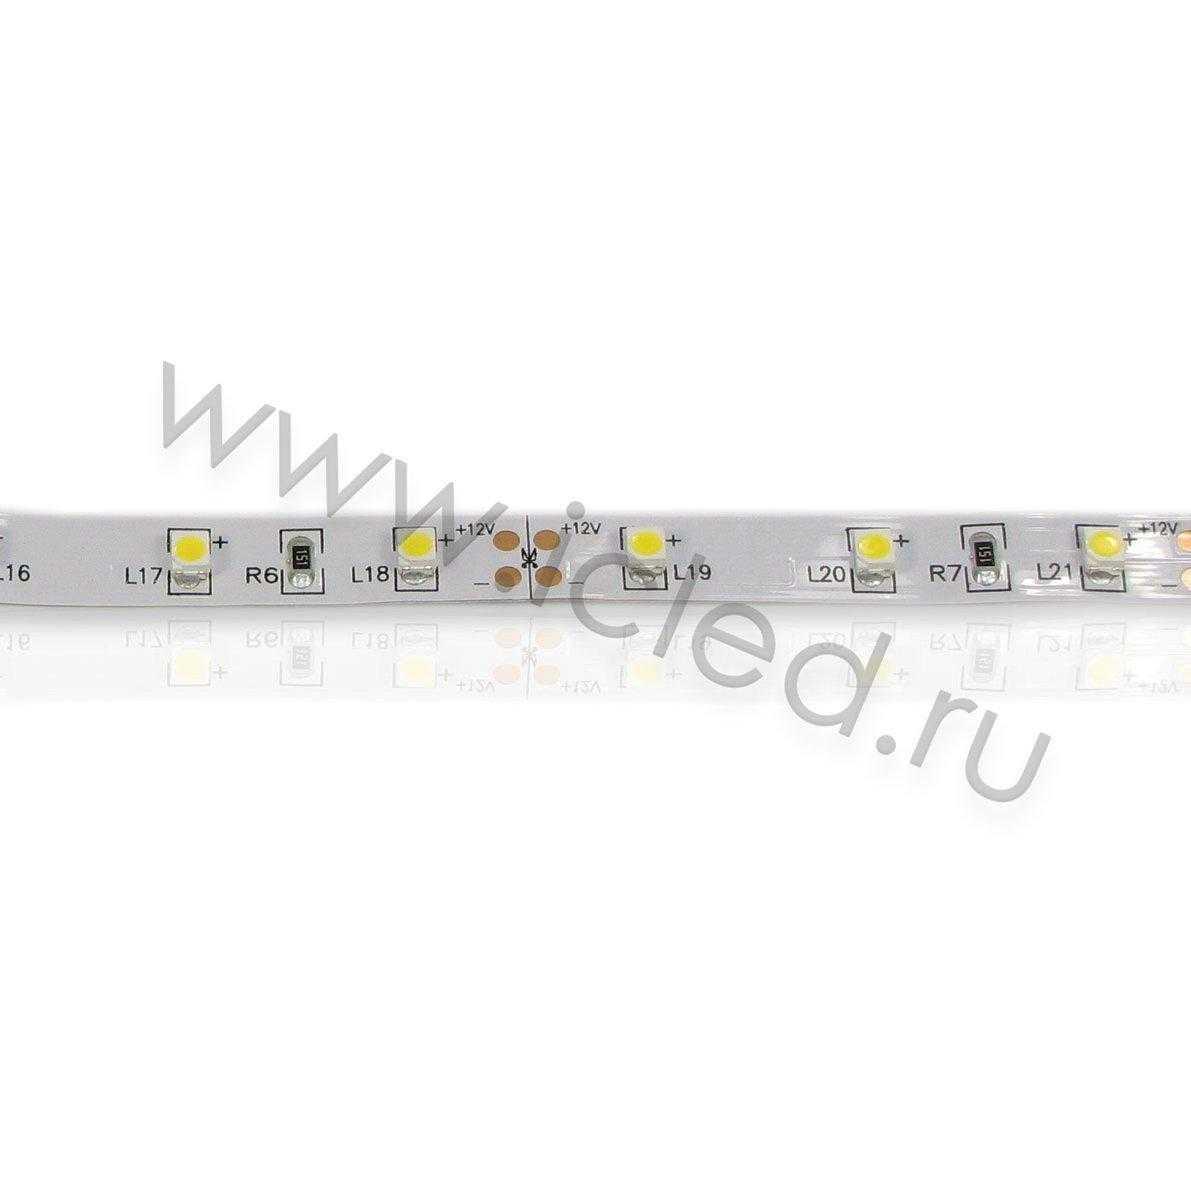 Светодиодная лента Class B, 3528, 60 led/m, Warm White, 12V, IP33